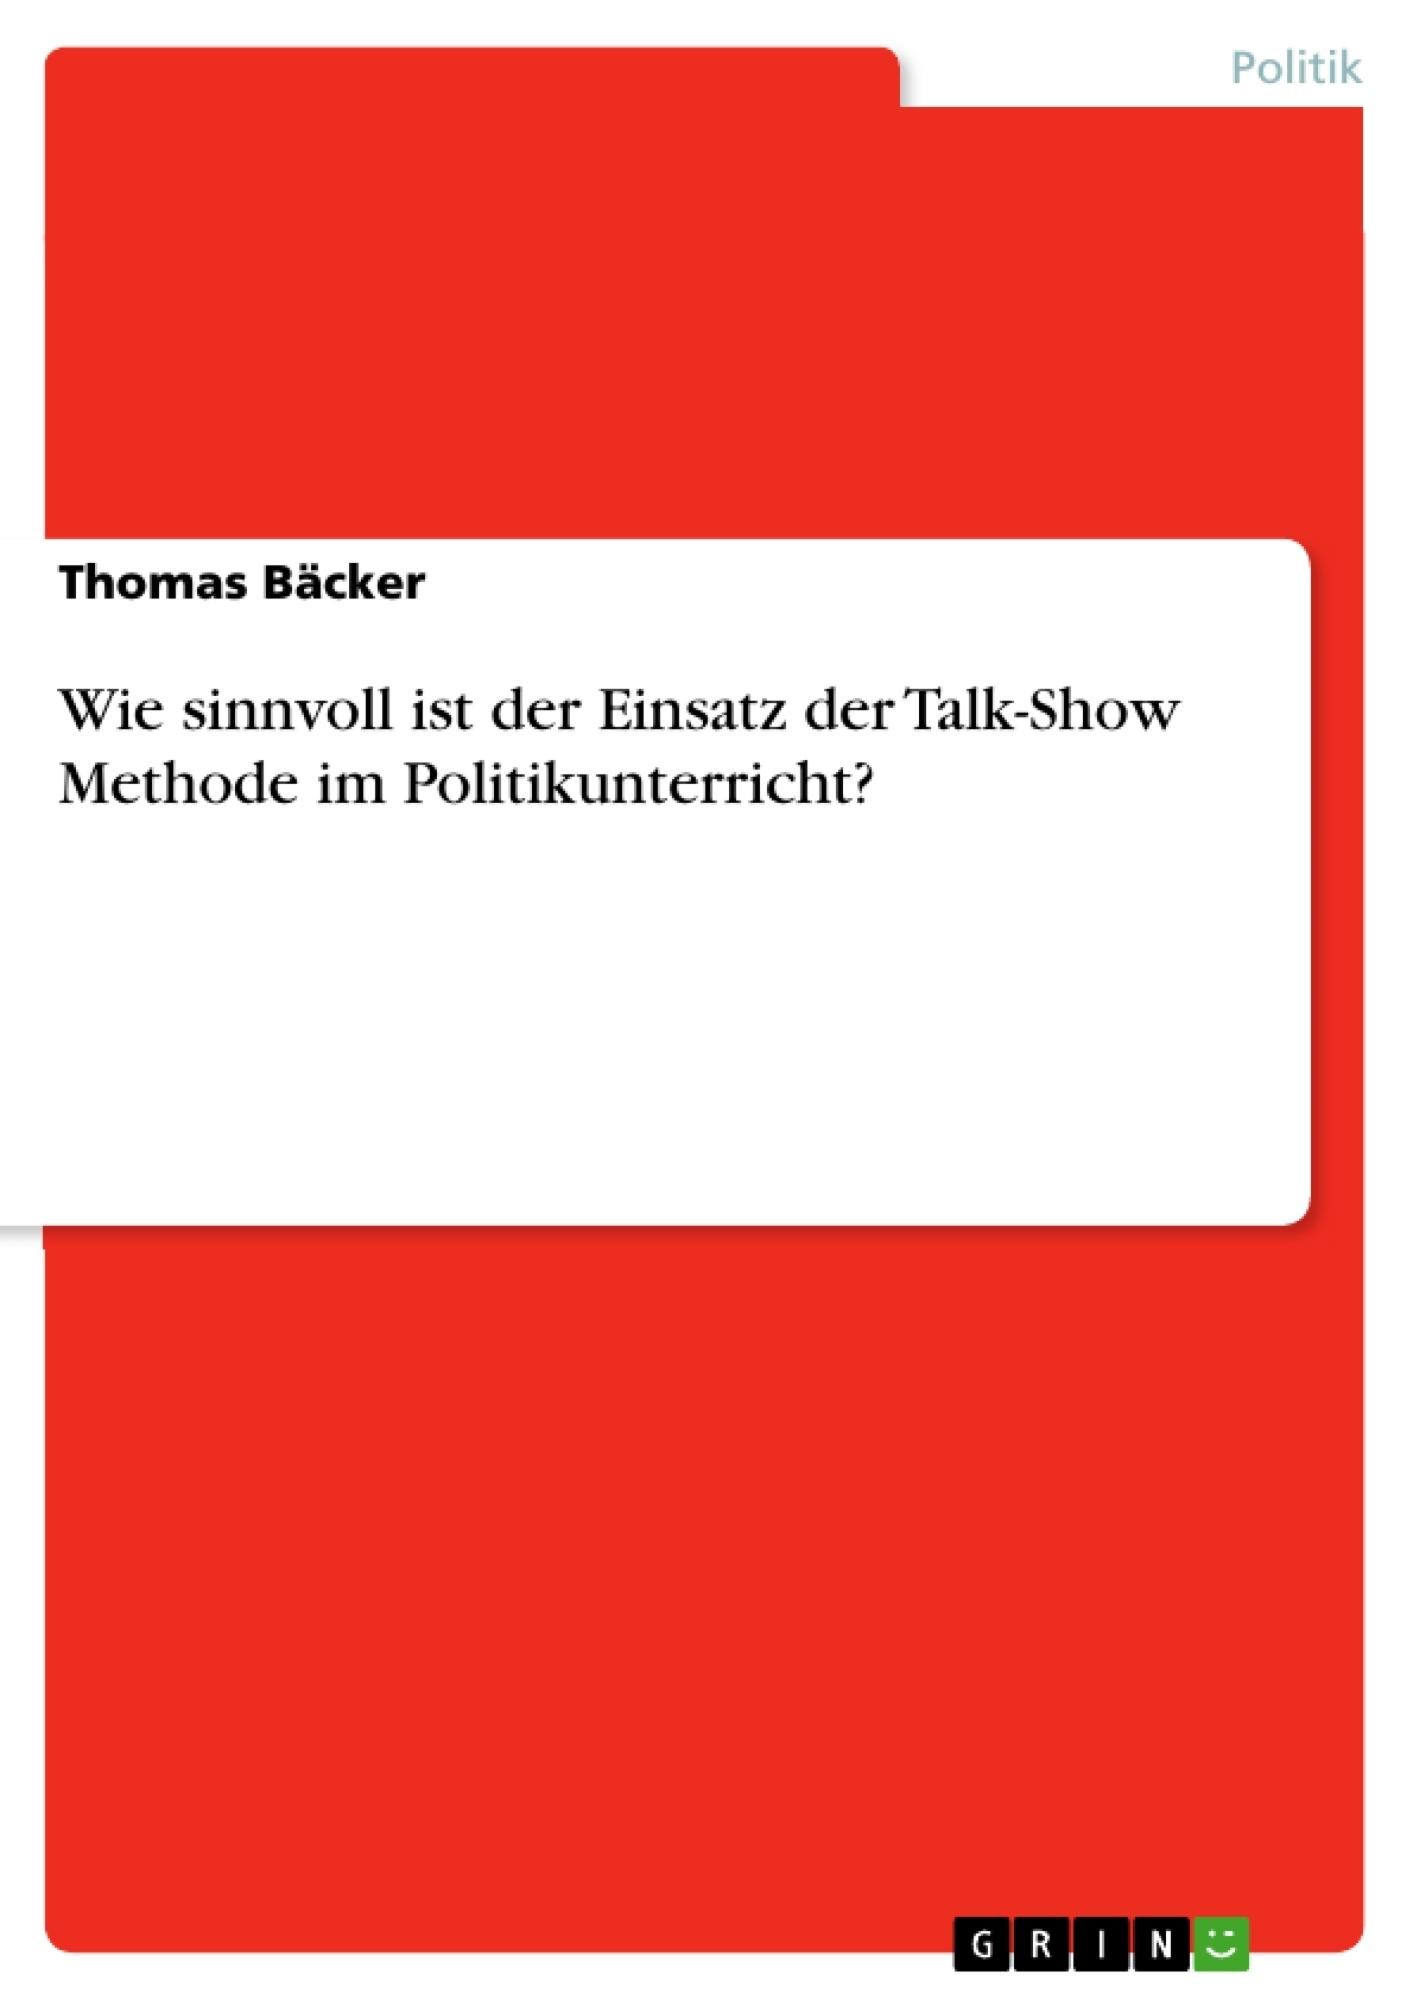 Titel: Wie sinnvoll ist der Einsatz der Talk-Show Methode im Politikunterricht?